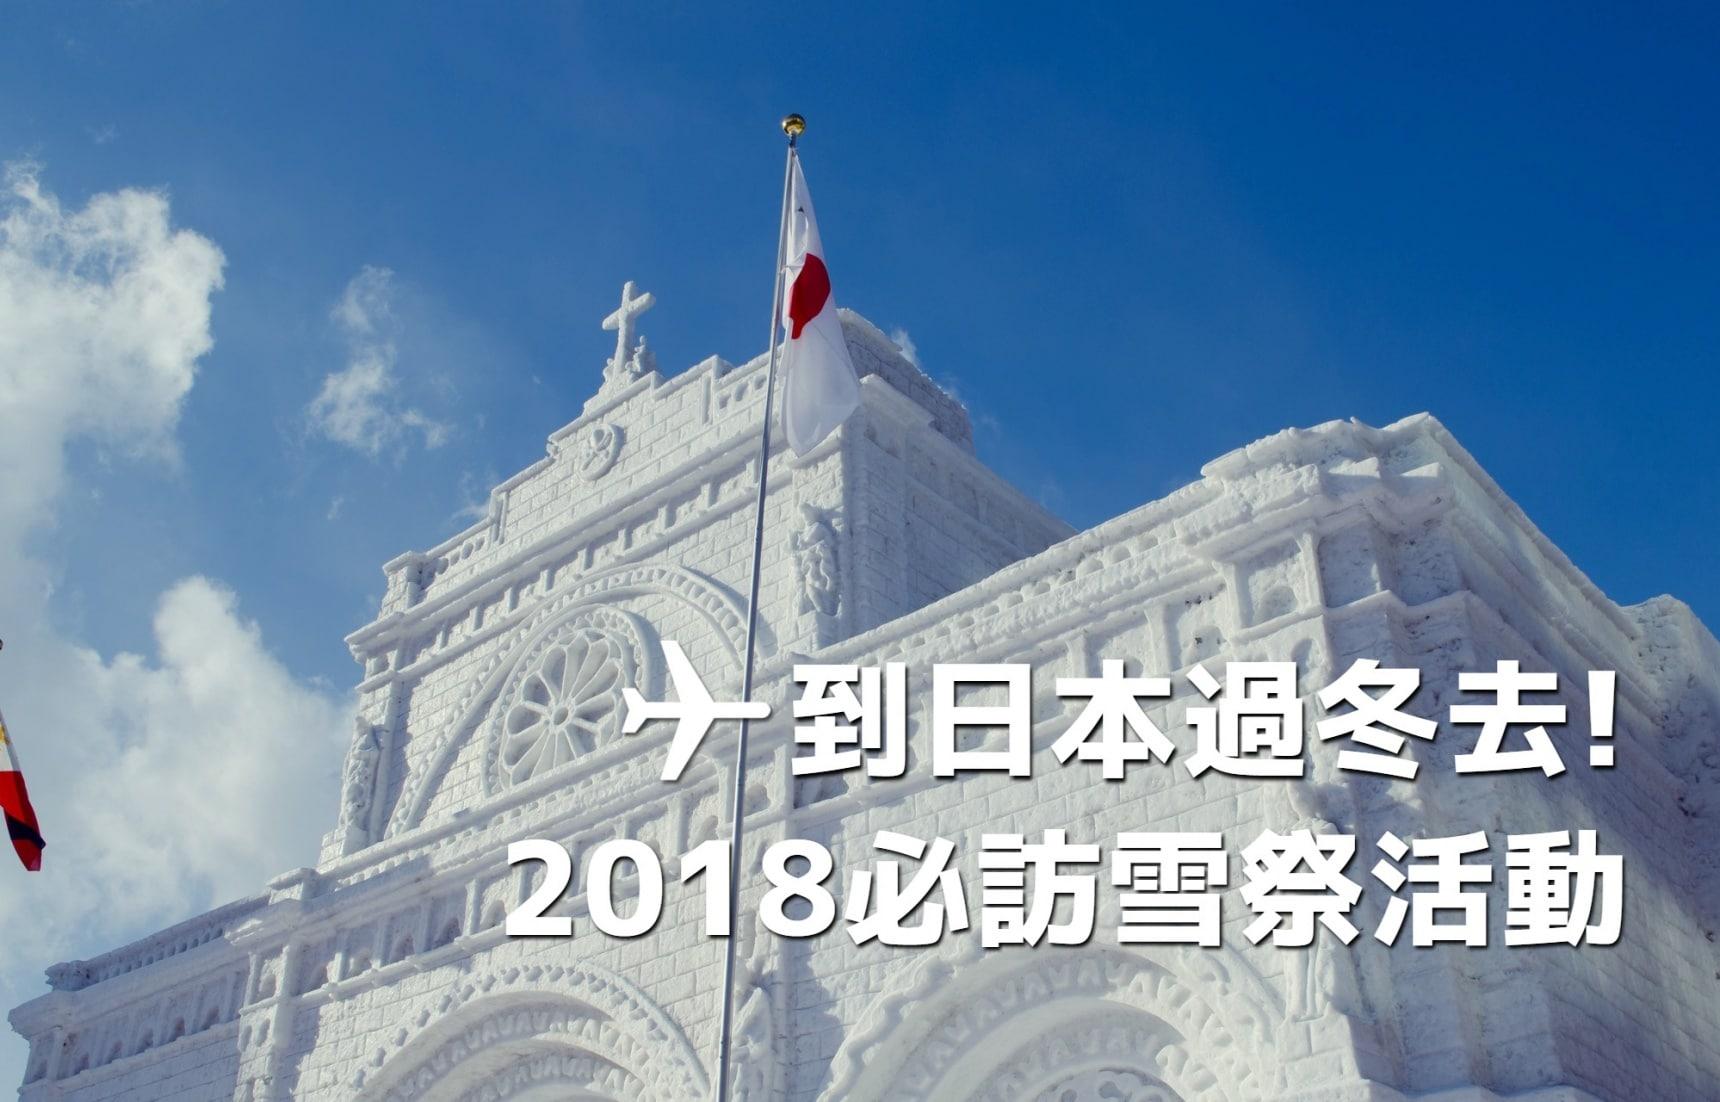 智游人|相约在日本的冬季!2018你一定不能错过的冬季雪祭